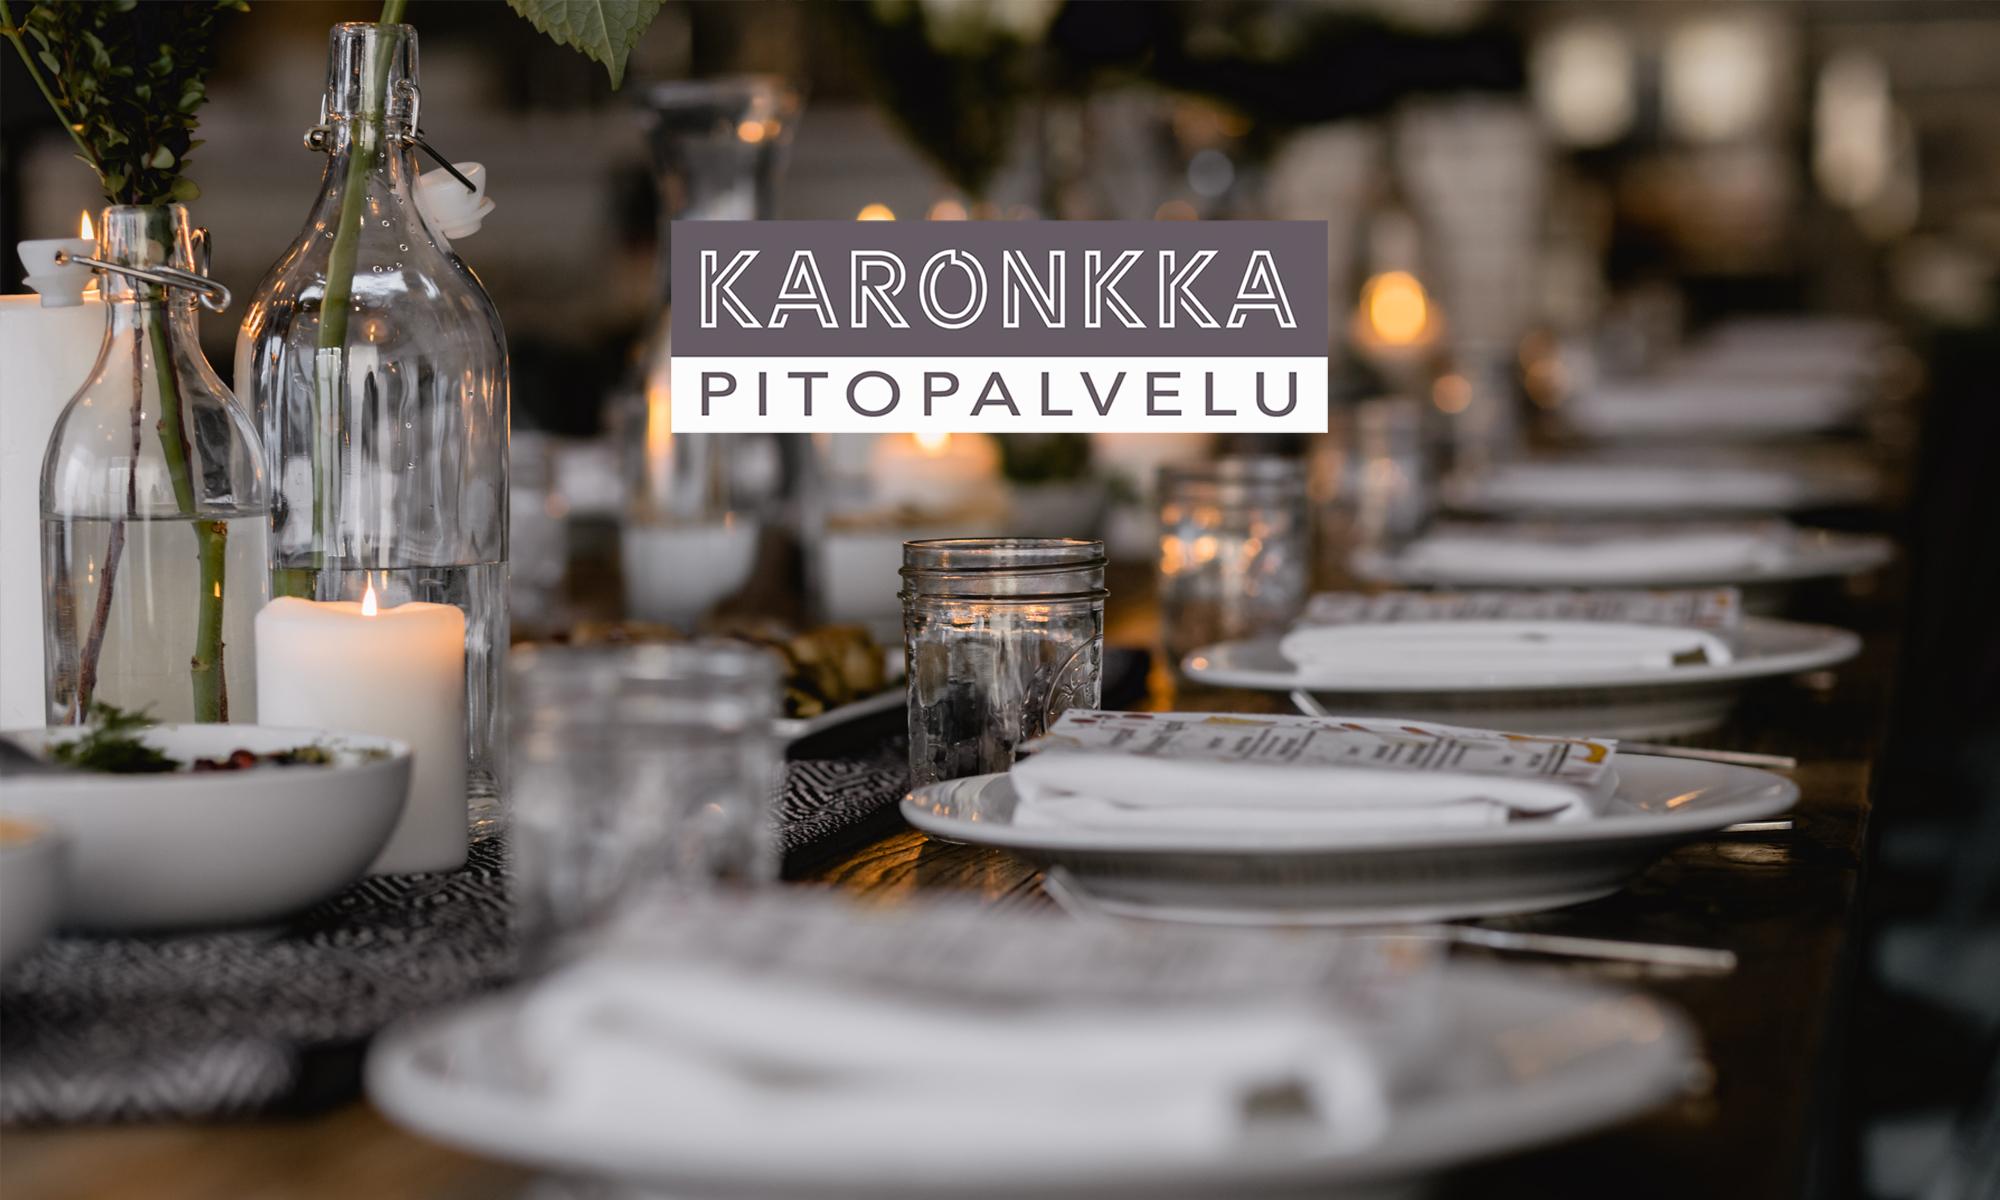 Ravintola Karonkka Lounasravintola - Pitopalvelu - Ateriatoimitus